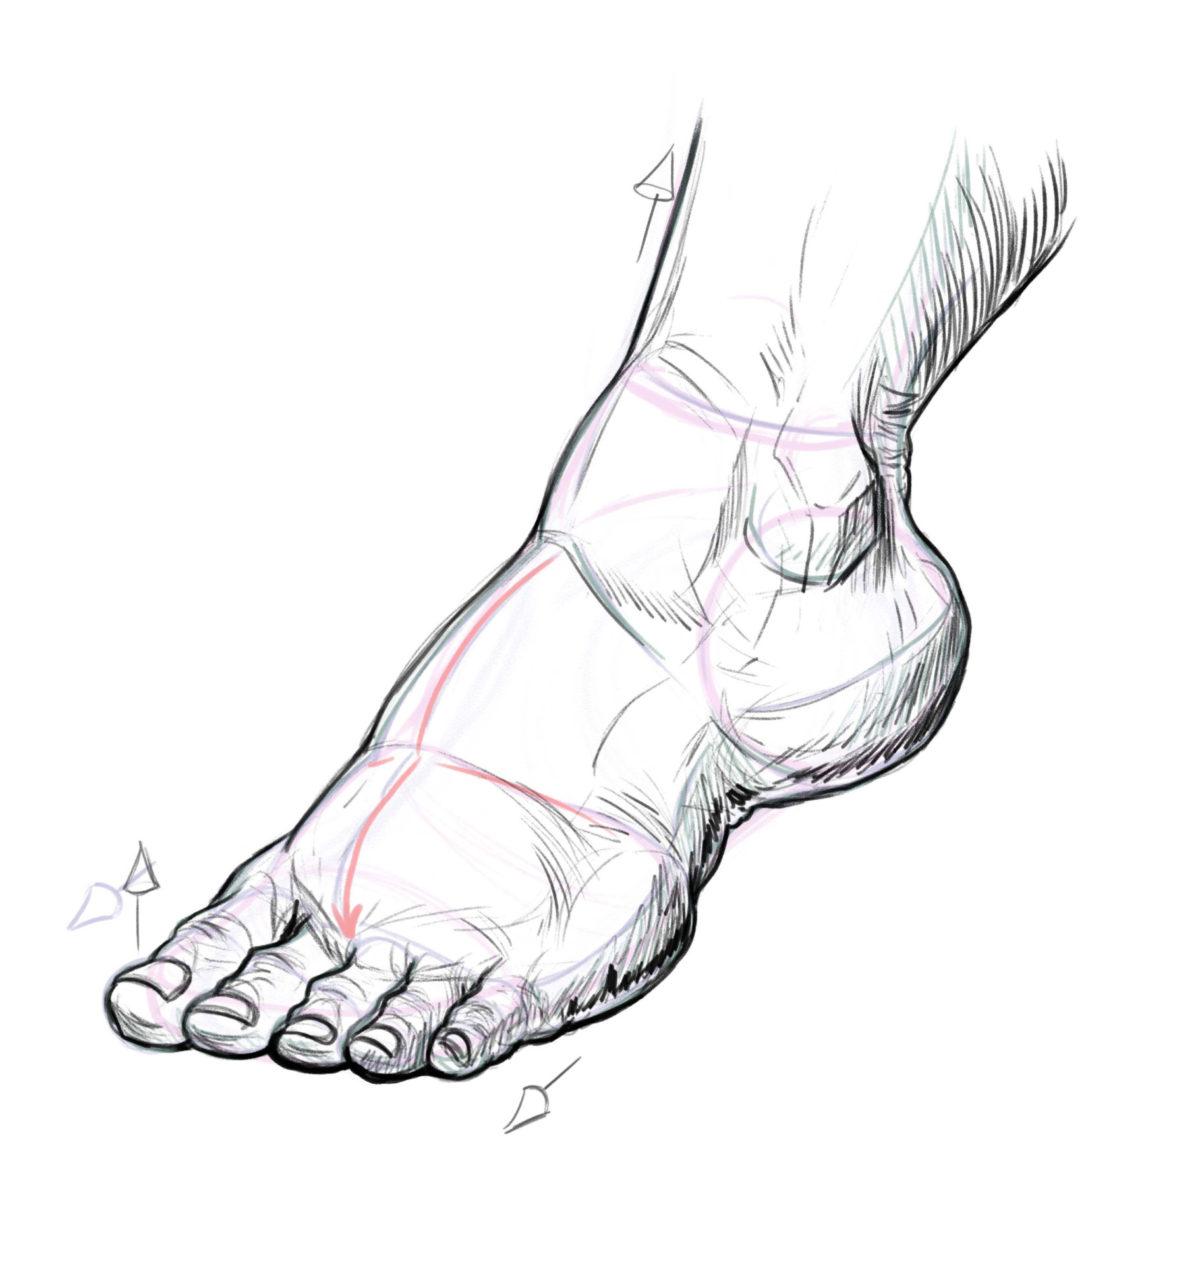 желаю нарисовать картинки ногой кружка принимают